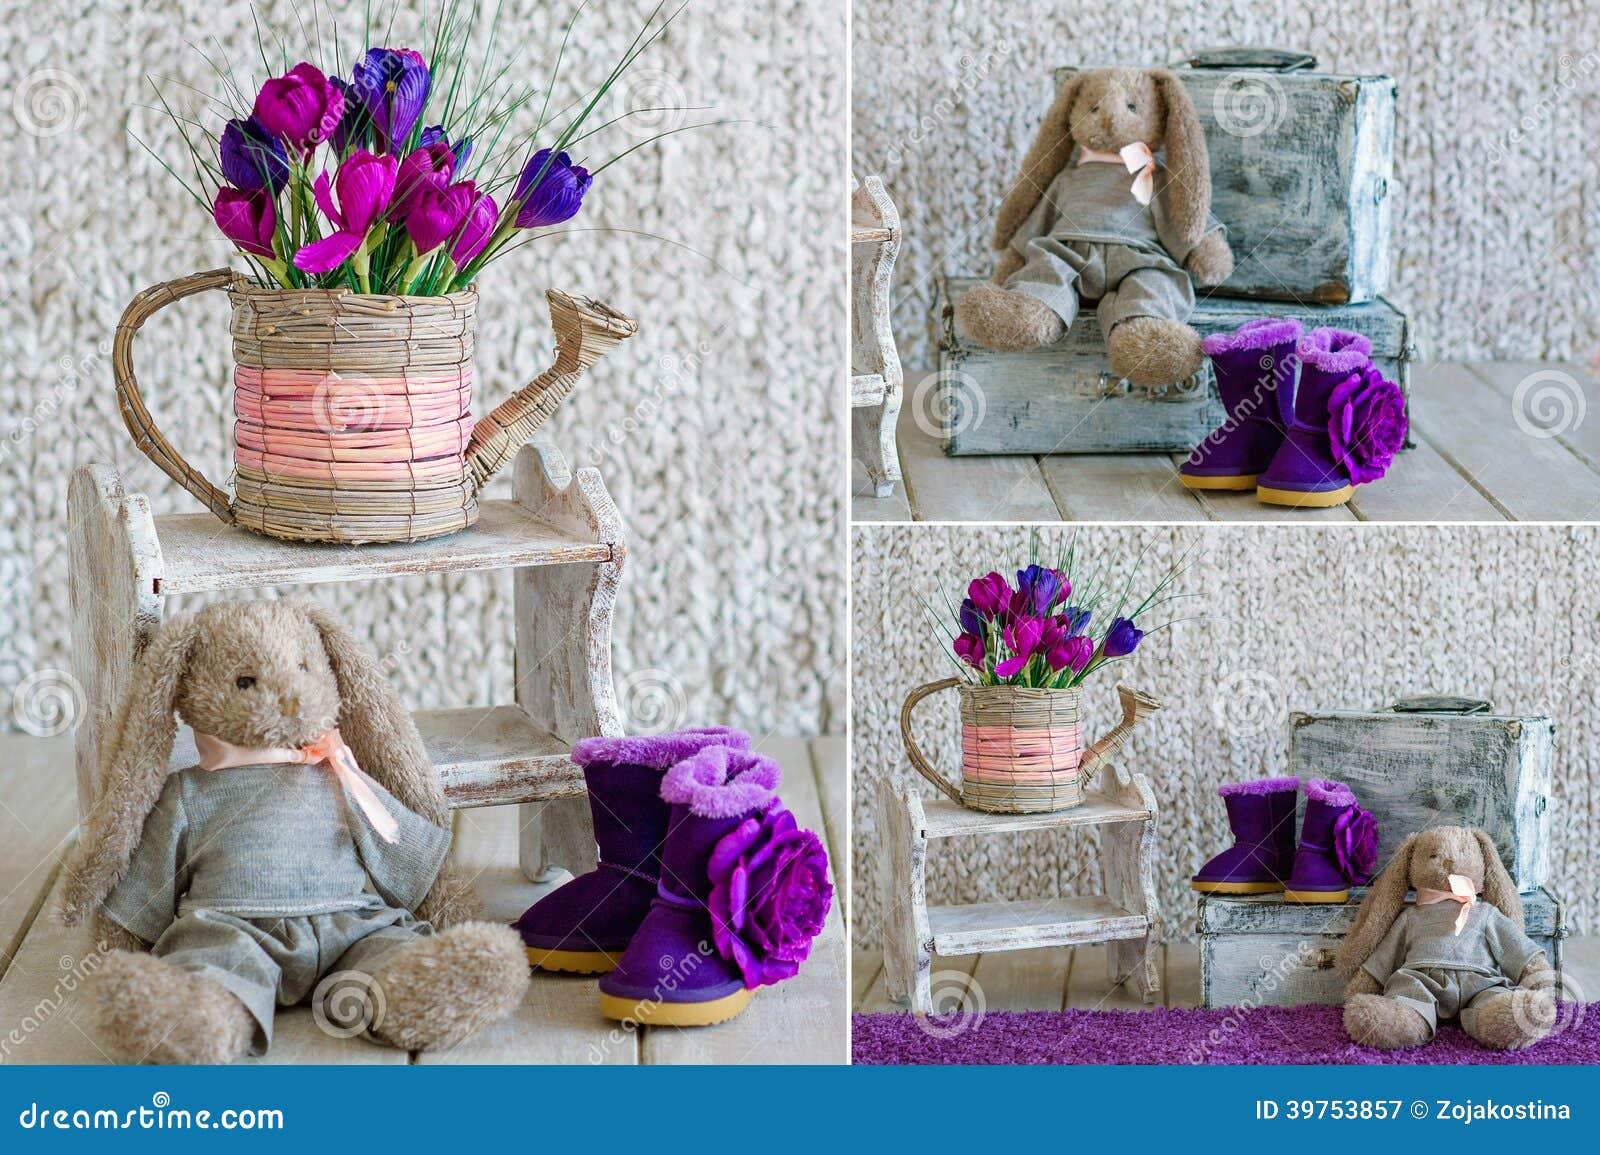 Detalles interiores de la decoraci n del vintage imagen de for Detalles de decoracion